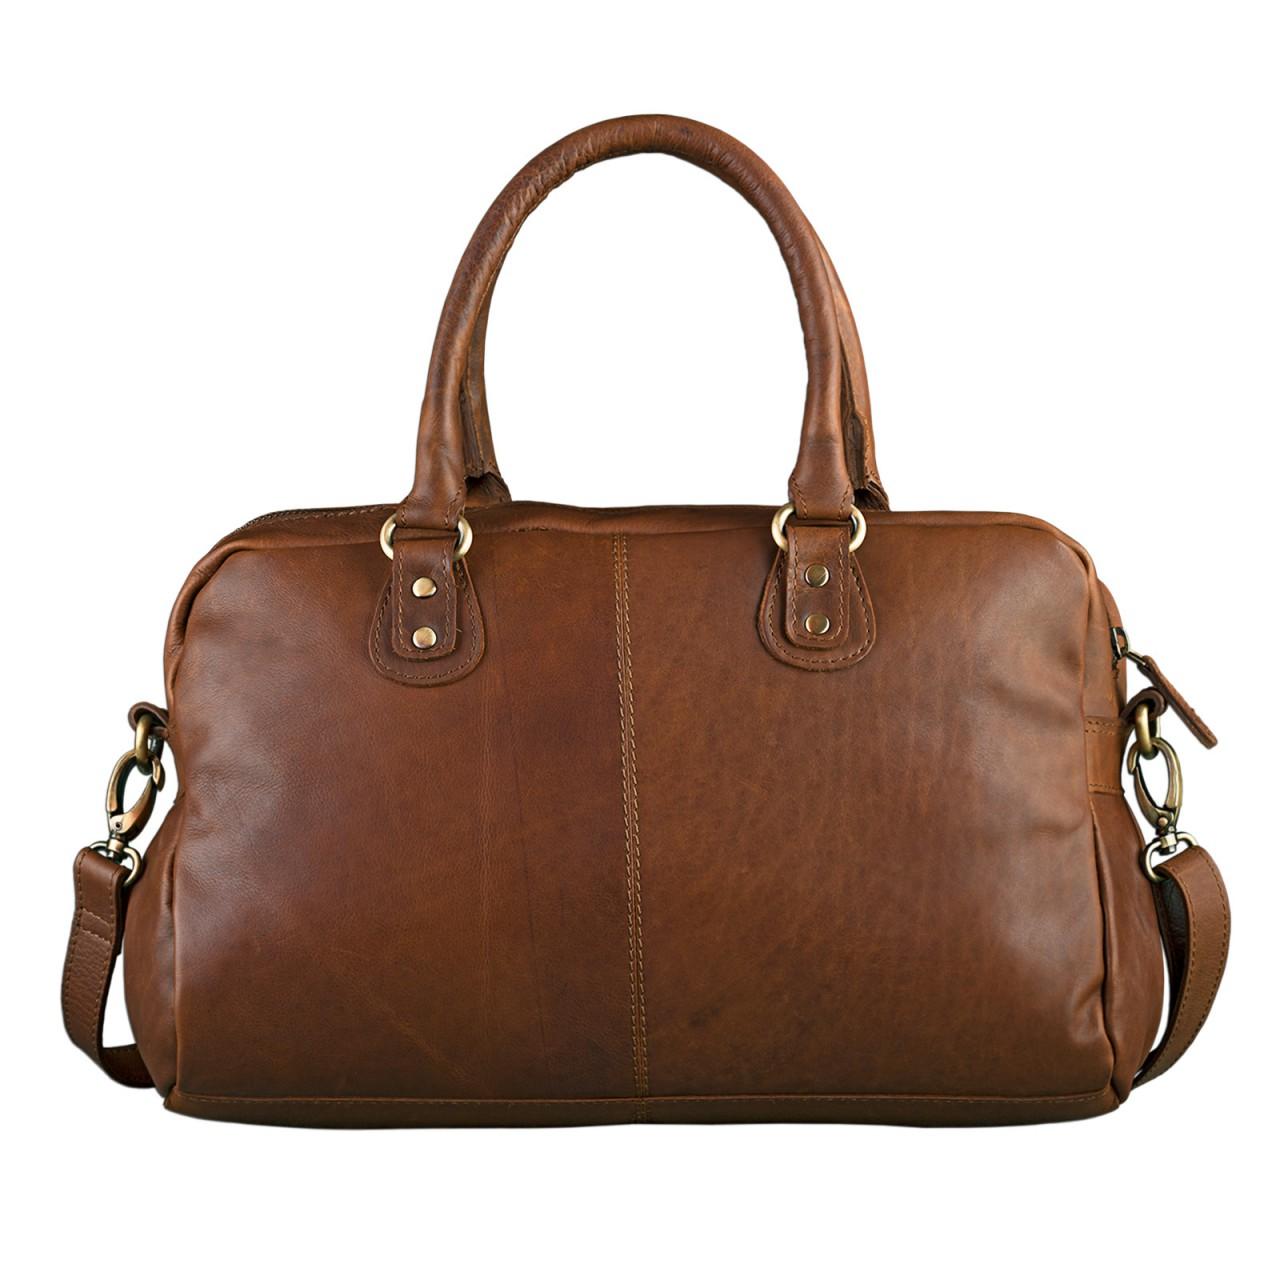 """STILORD """"Elena"""" Vintage Handtasche Damen Umhängetasche geflochten elegante Ledertasche Shopping Ausgehen weiches Leder - Bild 6"""